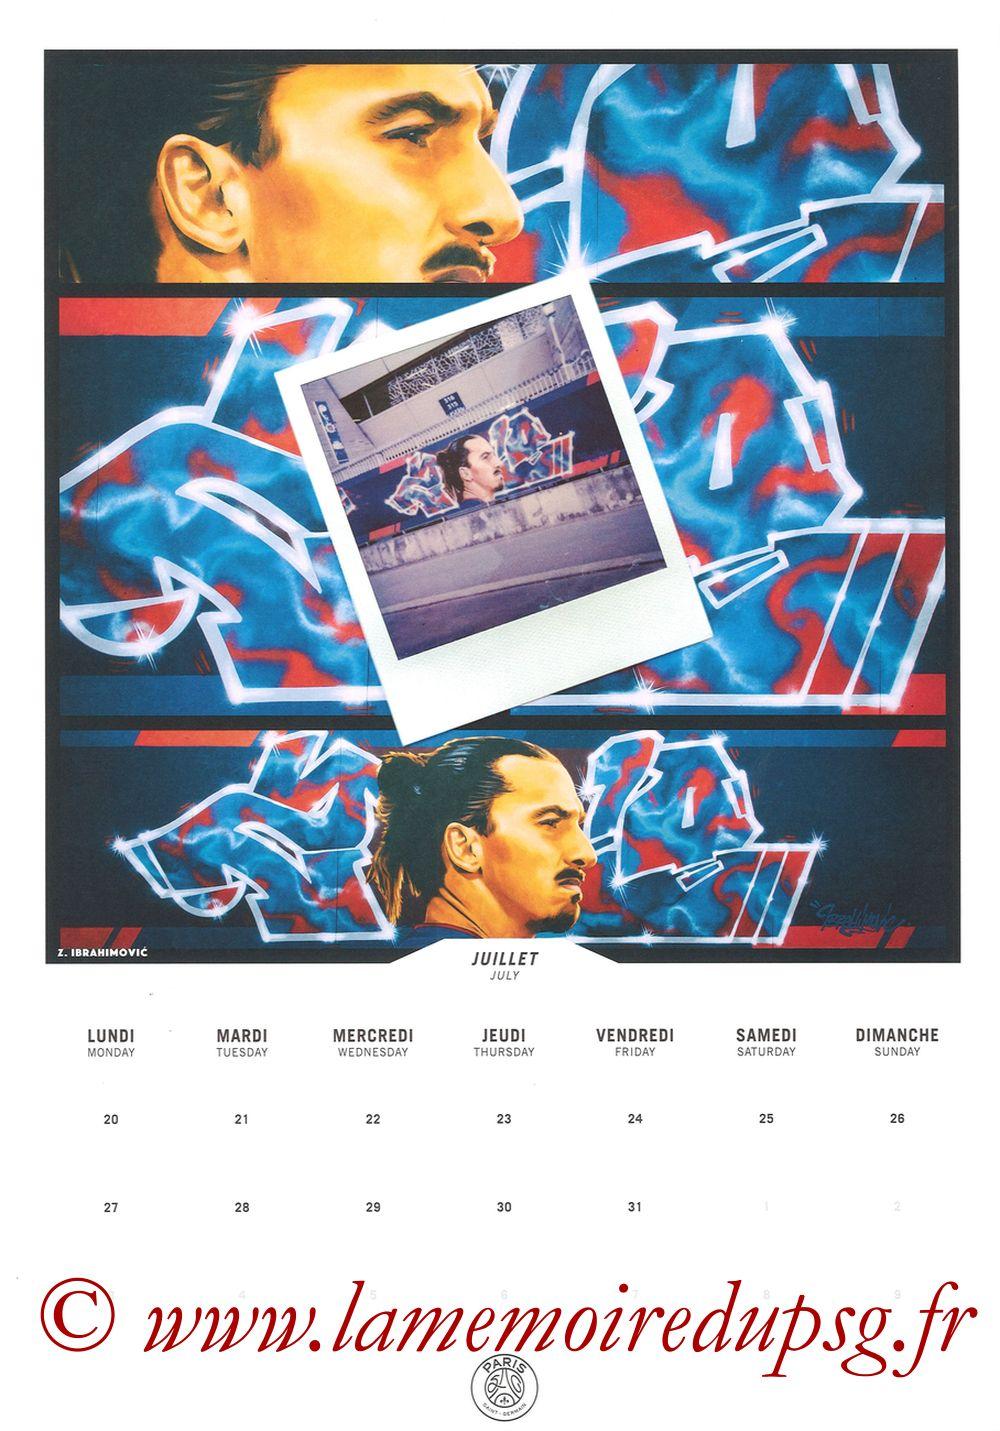 Calendrier PSG 2020 - Page 14 - IBRAHIMOVIC